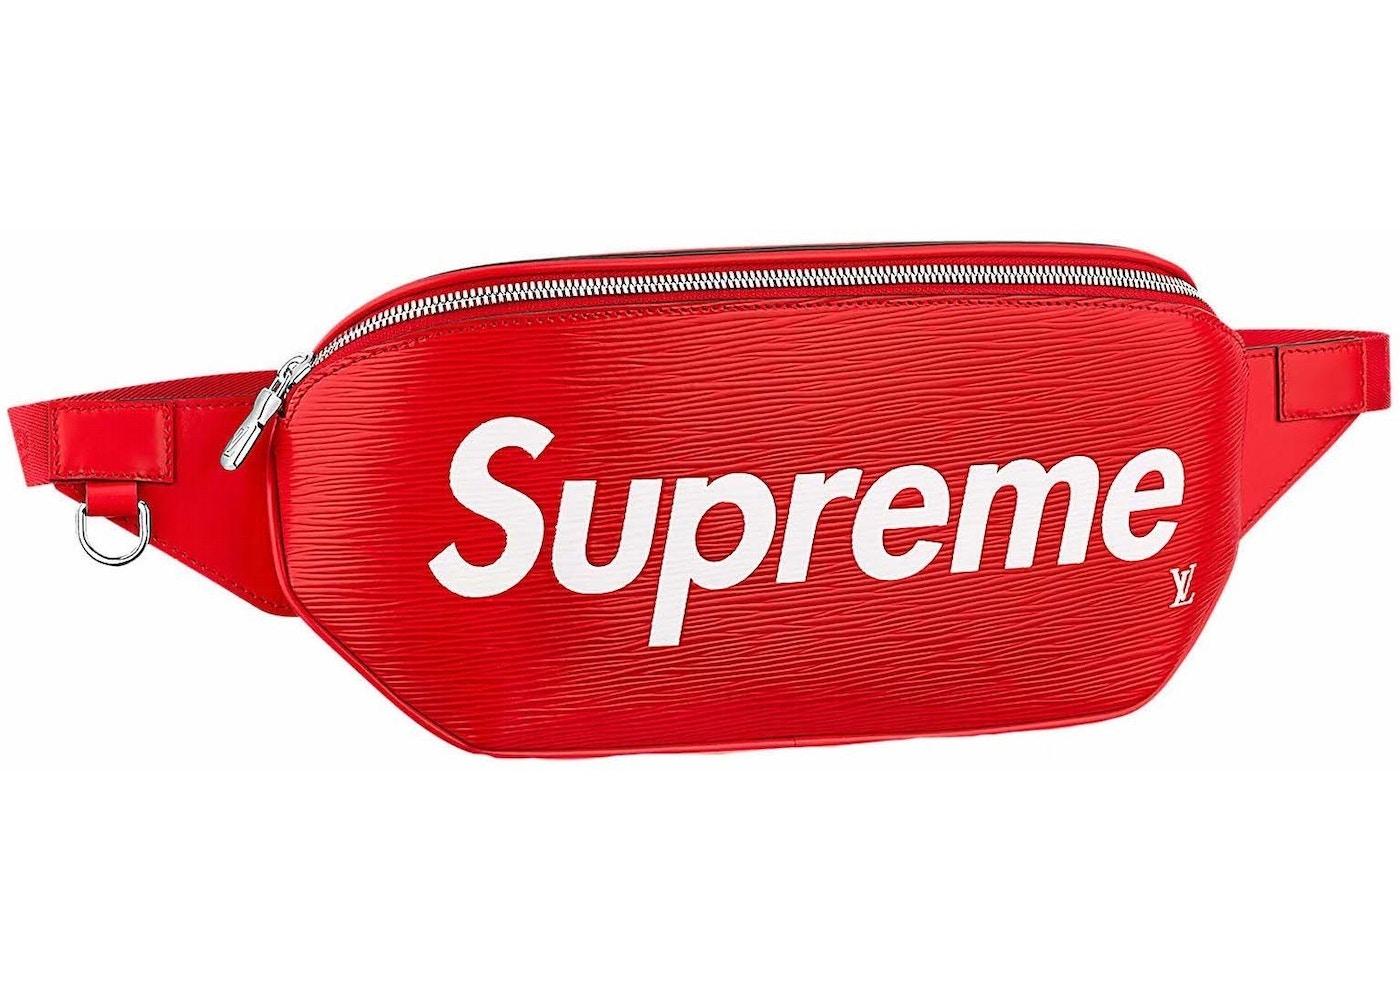 2947e49513a Louis Vuitton x Supreme Bumbag Epi Red